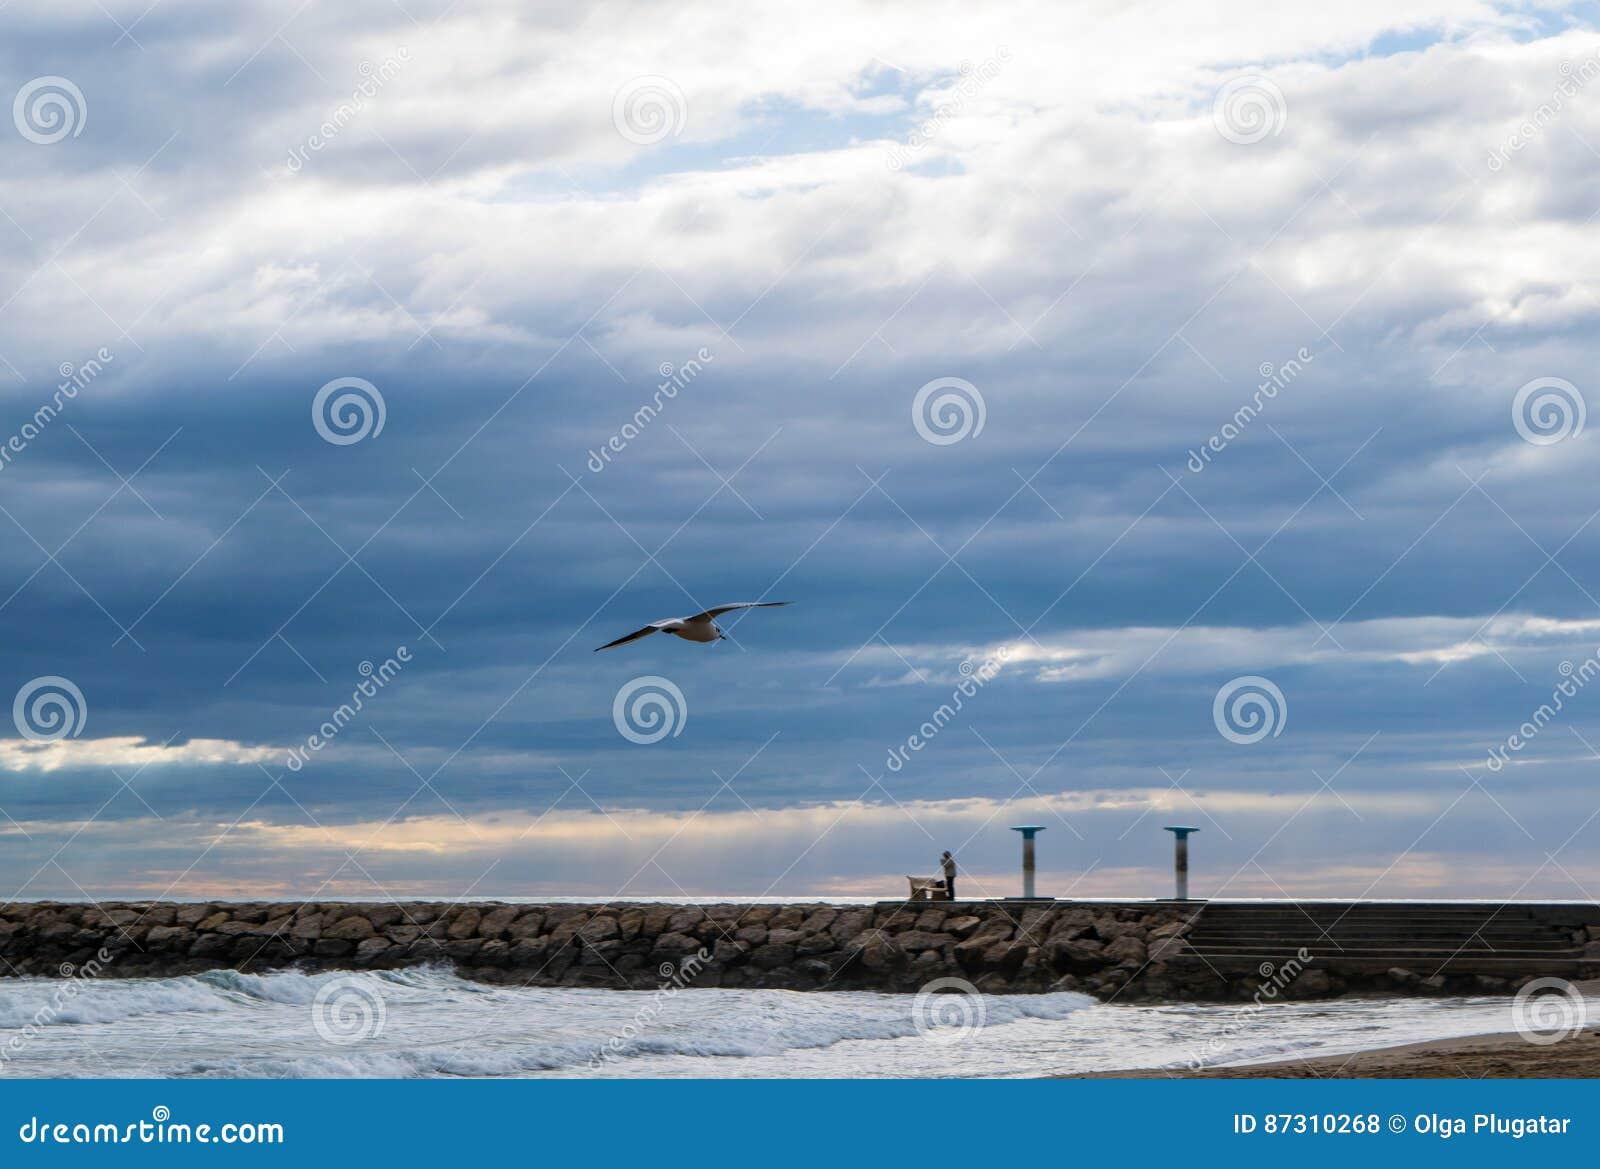 Vol de mouette contre le ciel nuageux dramatique bleu